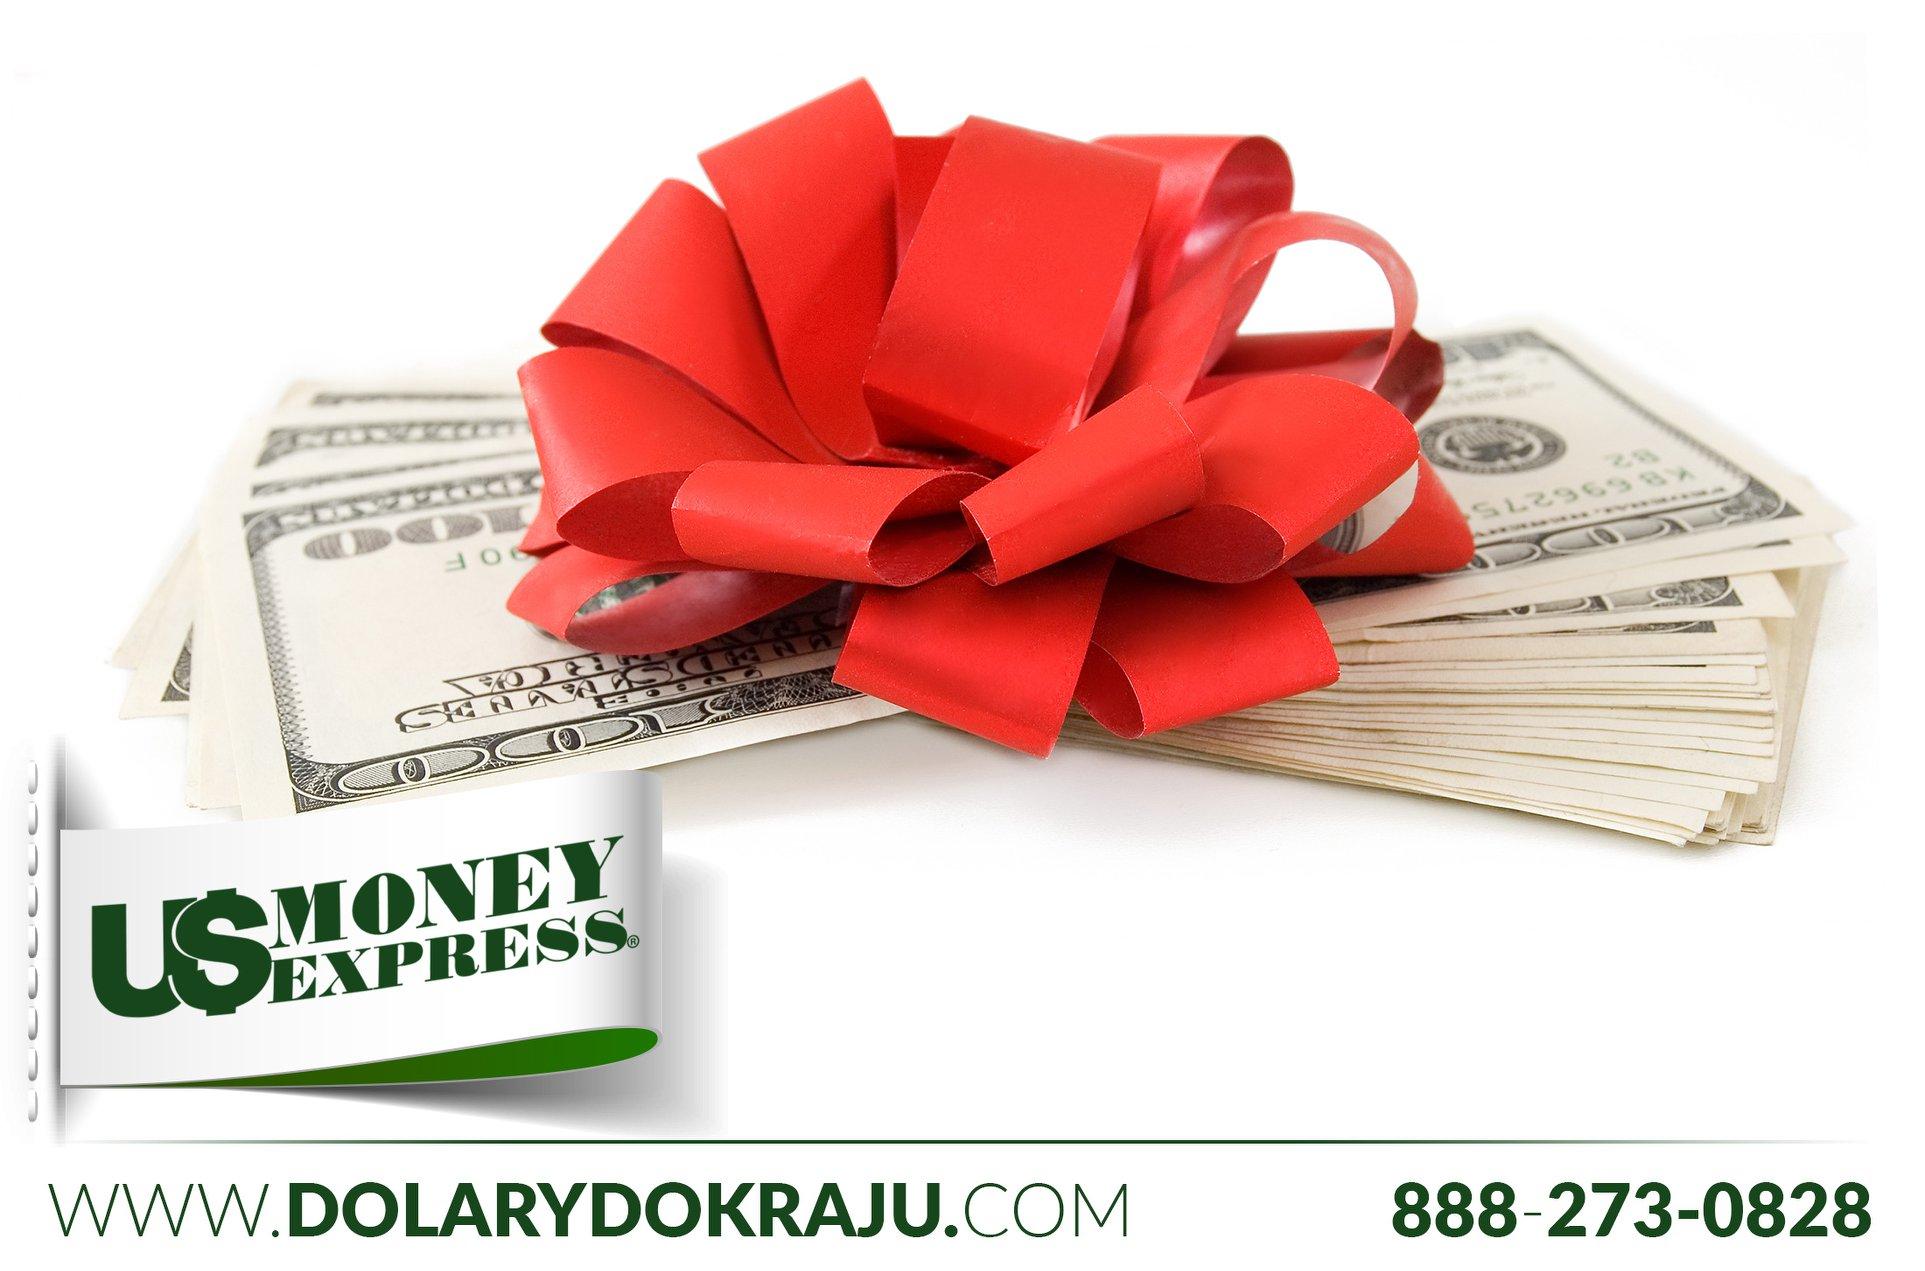 Walentynkowe przekazy pieniężne do Polski